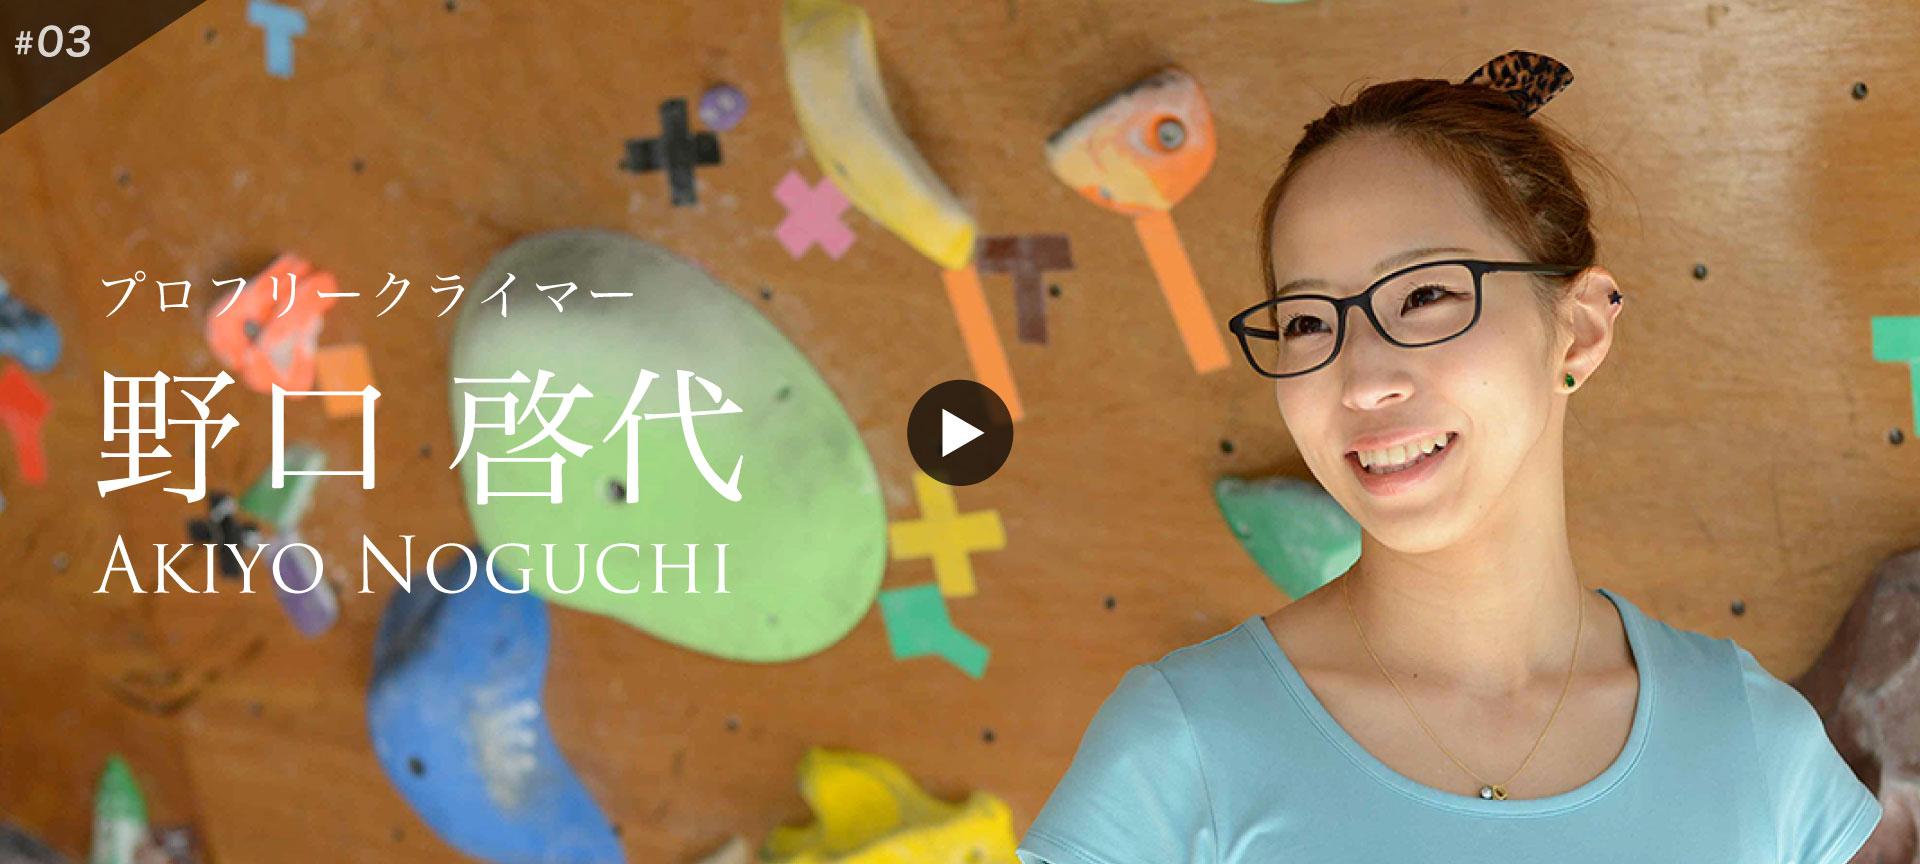 OWNDAYS MEETS 野口啓代(Noguchi Akiyo)